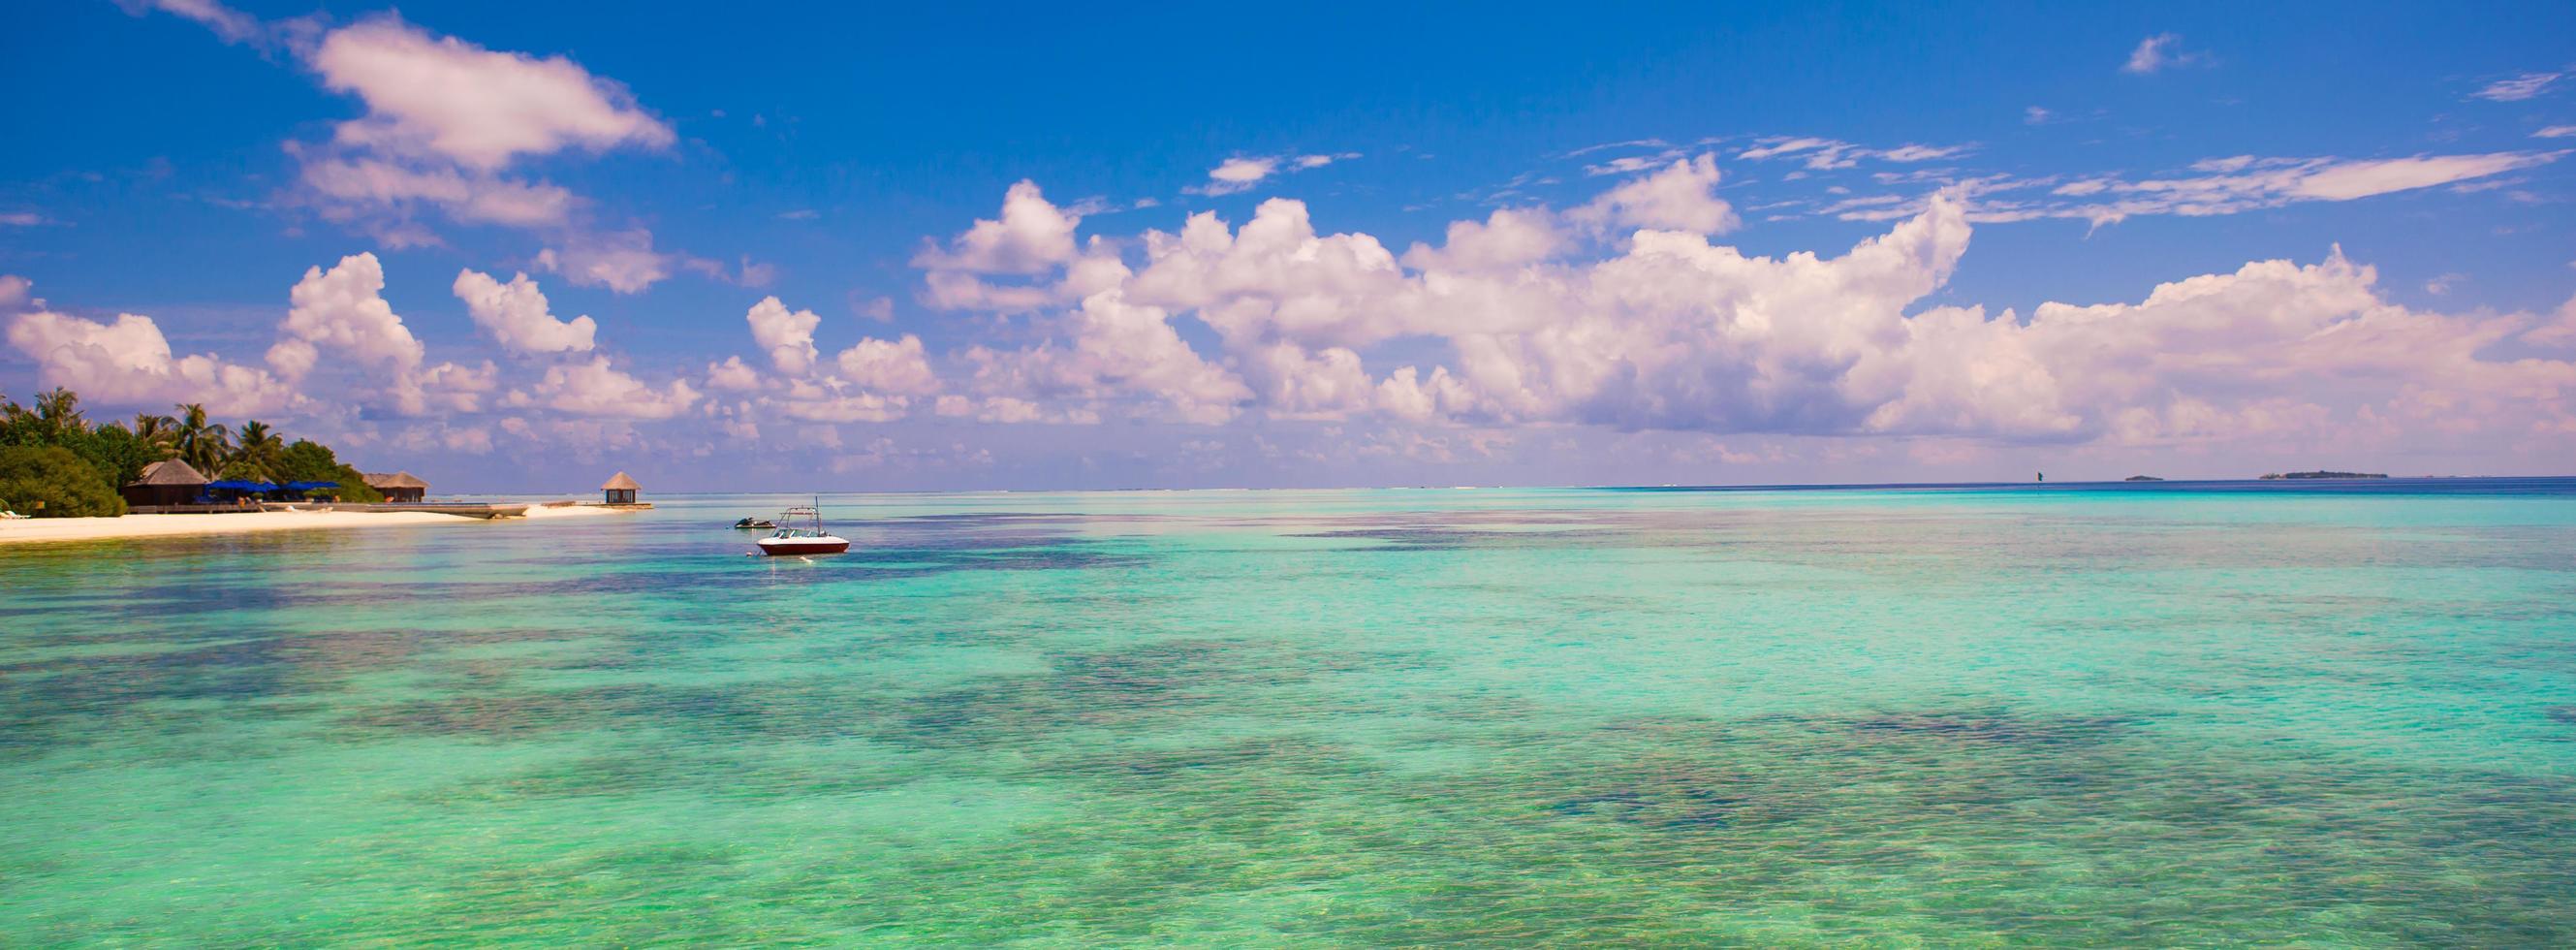 Malediven, Südasien, 2020 - Boot im Wasser in der Nähe eines tropischen Ferienortes foto